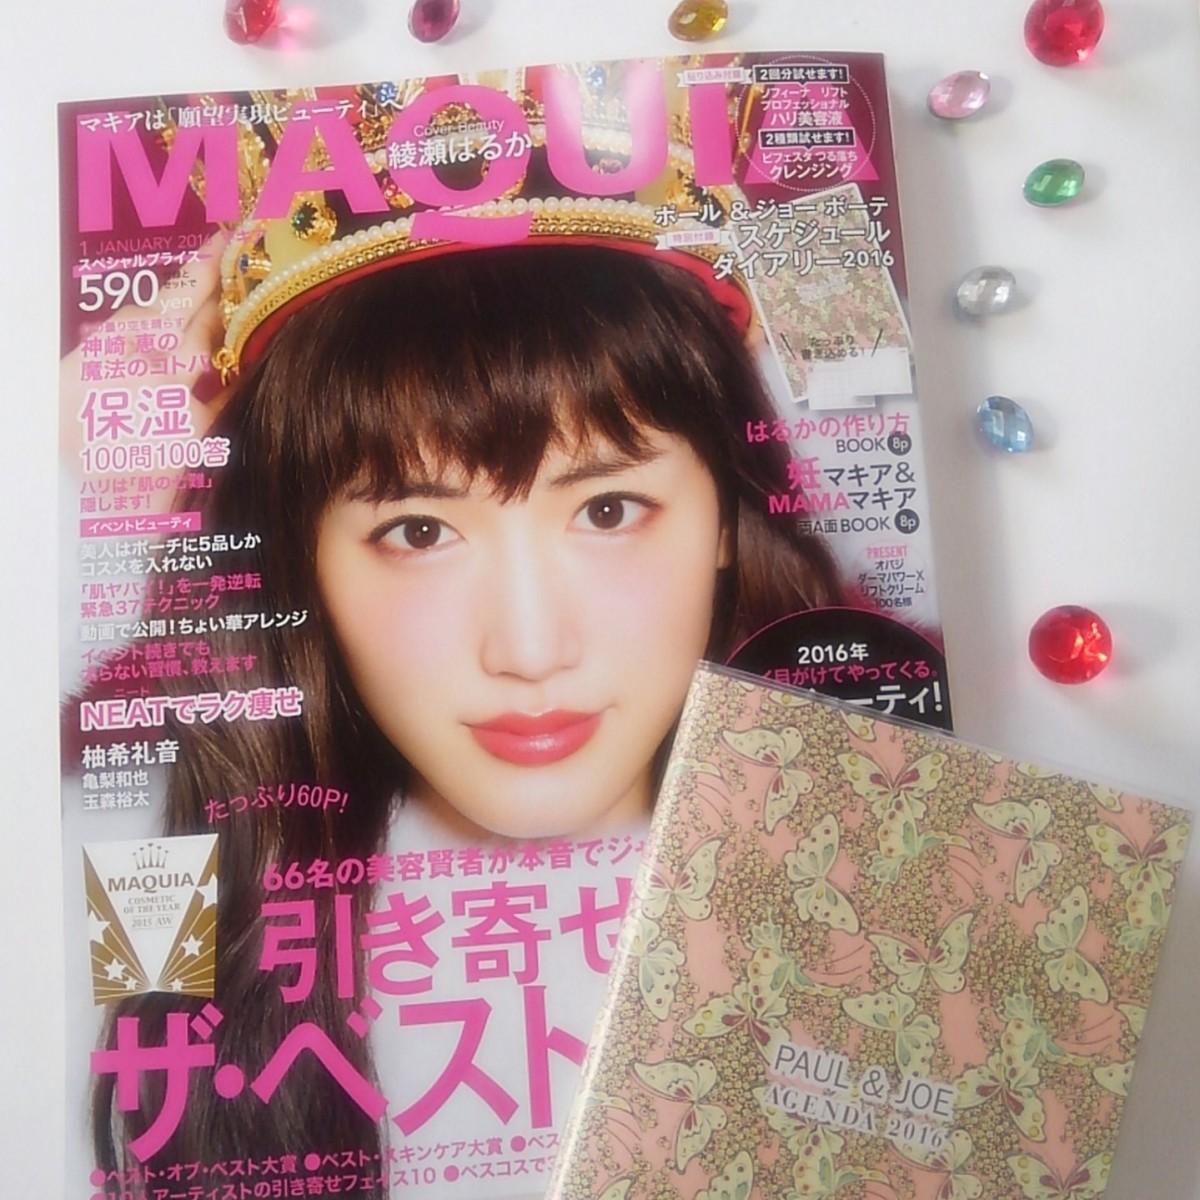 ◆2015年を振り返り、2016年の美の計画を!本日発売MAQUIA1月号☆◆